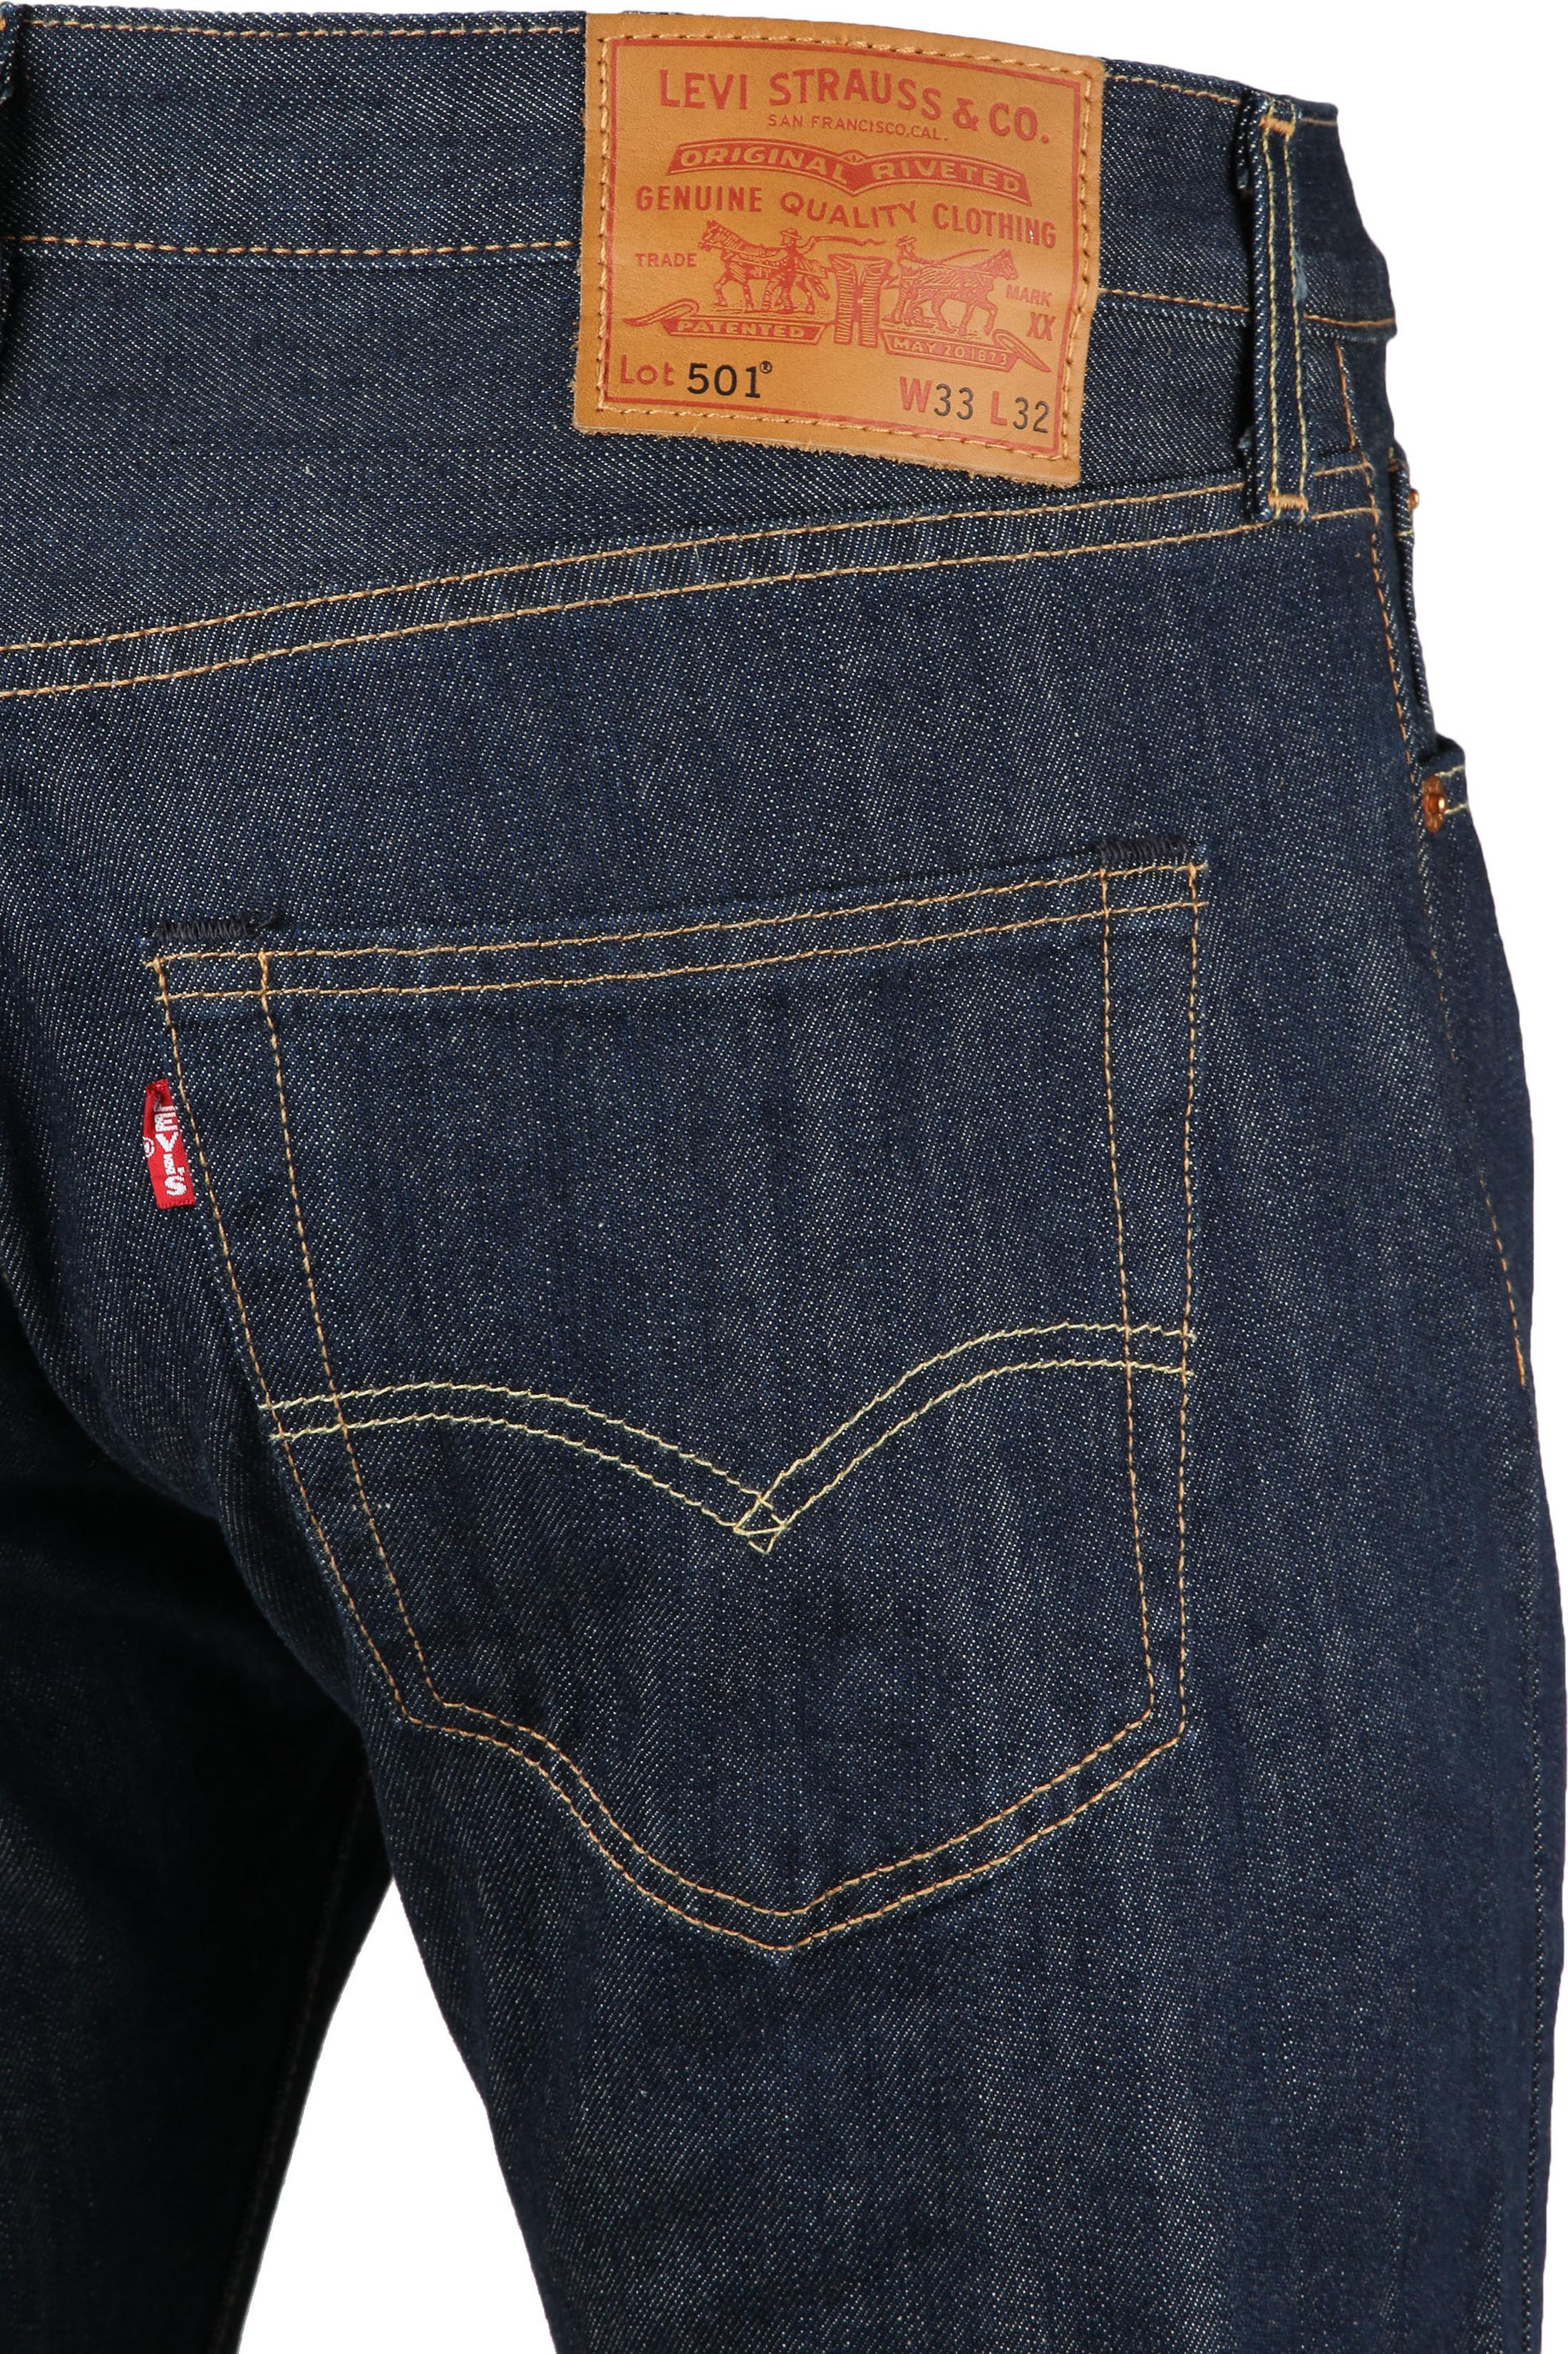 Levi's Jeans 501 Original Fit 0162 foto 2